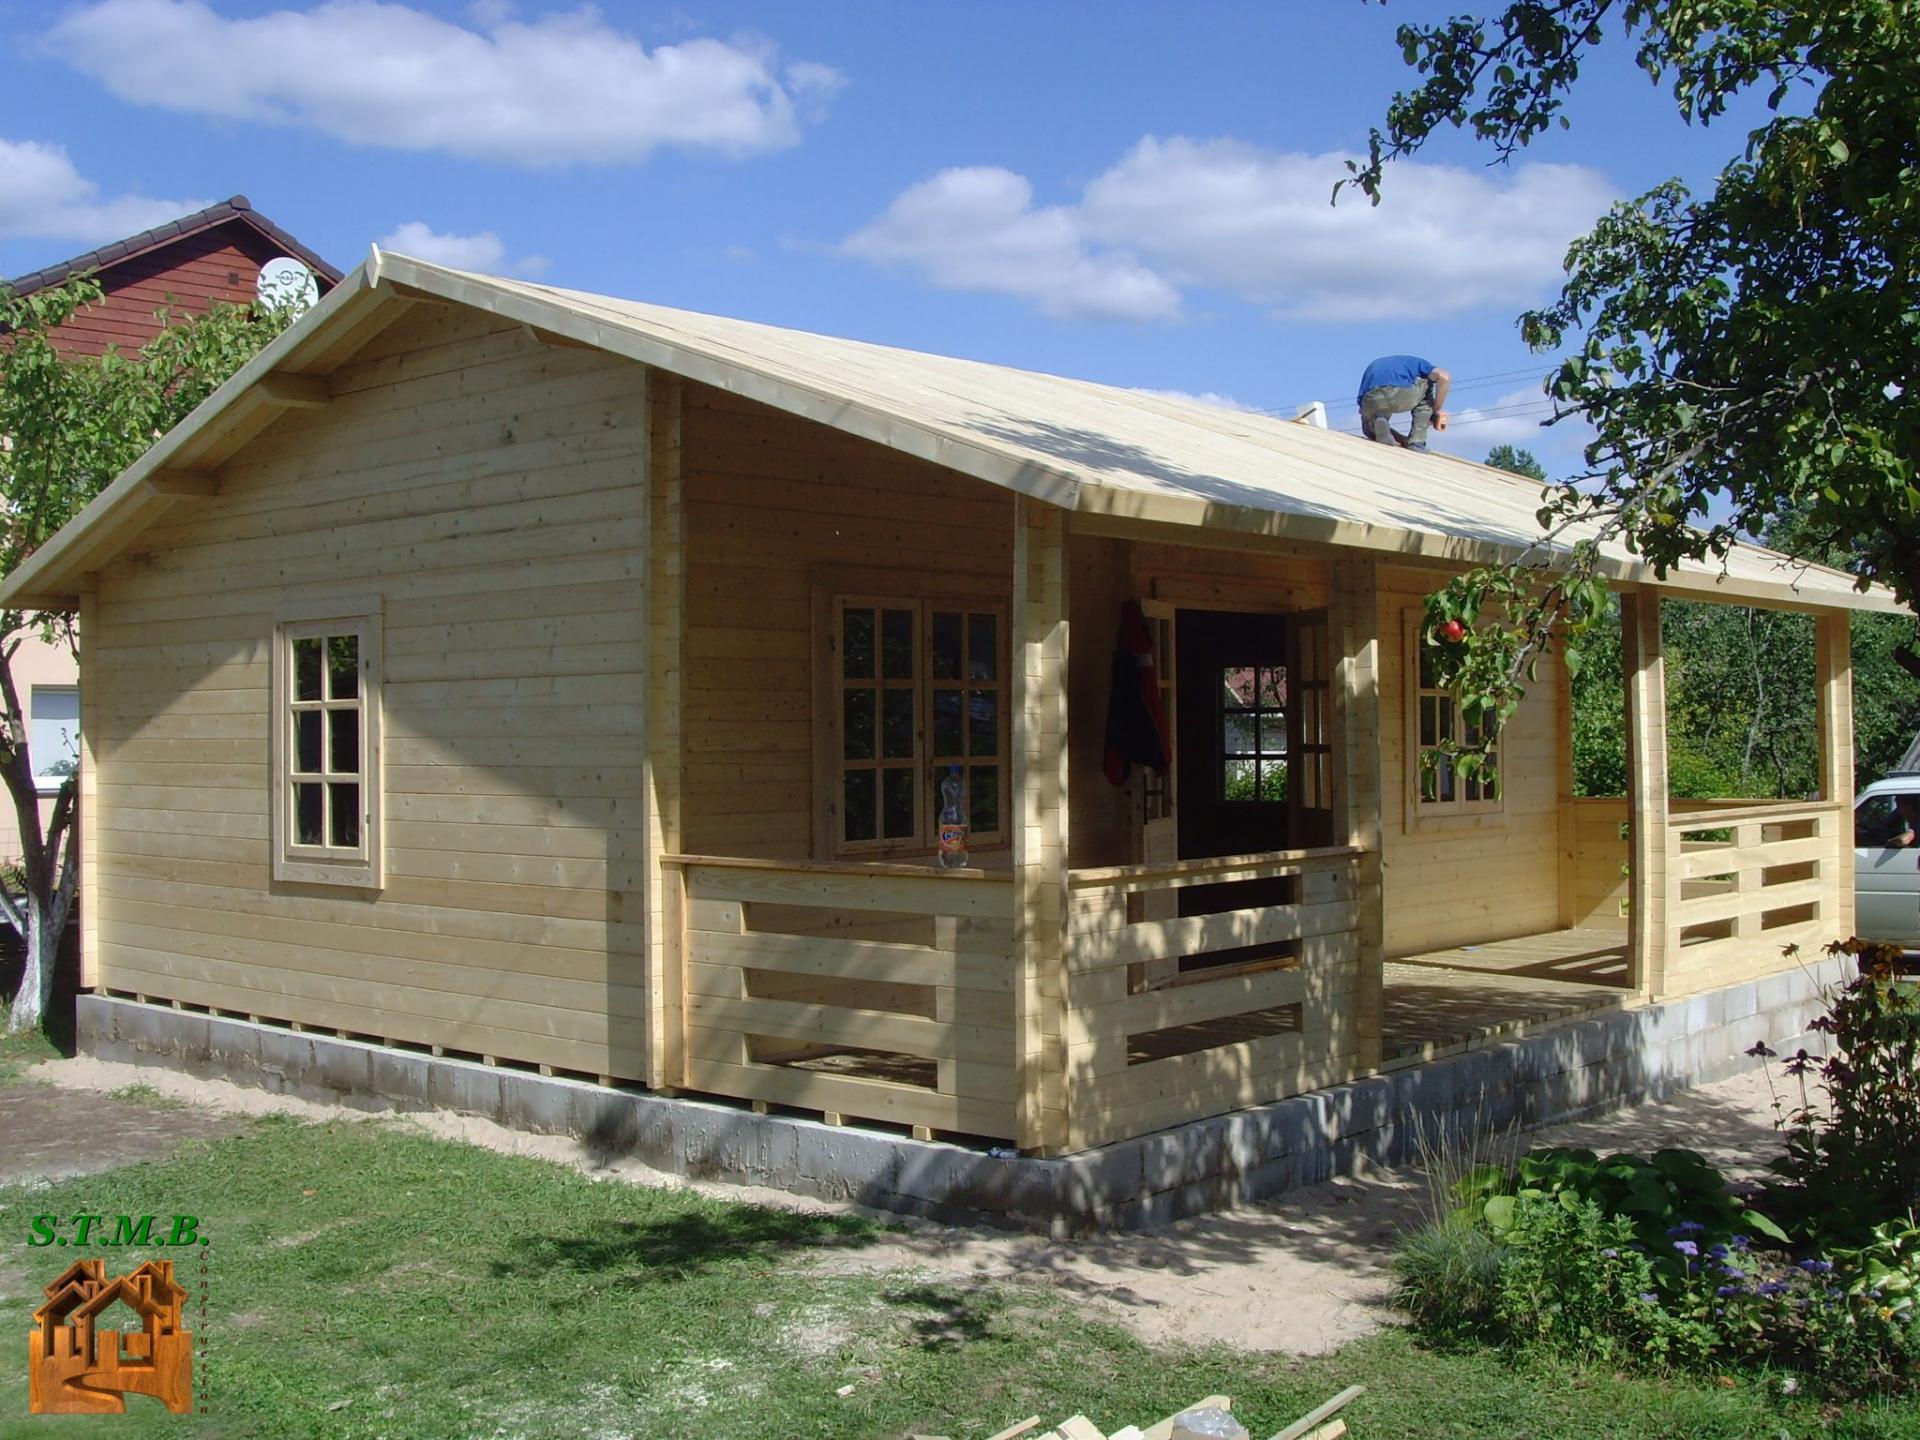 Maison En Bois En Kit Habitable - Le Meilleur Des Maisons ... destiné Chalet En Kit Habitable Pas Cher